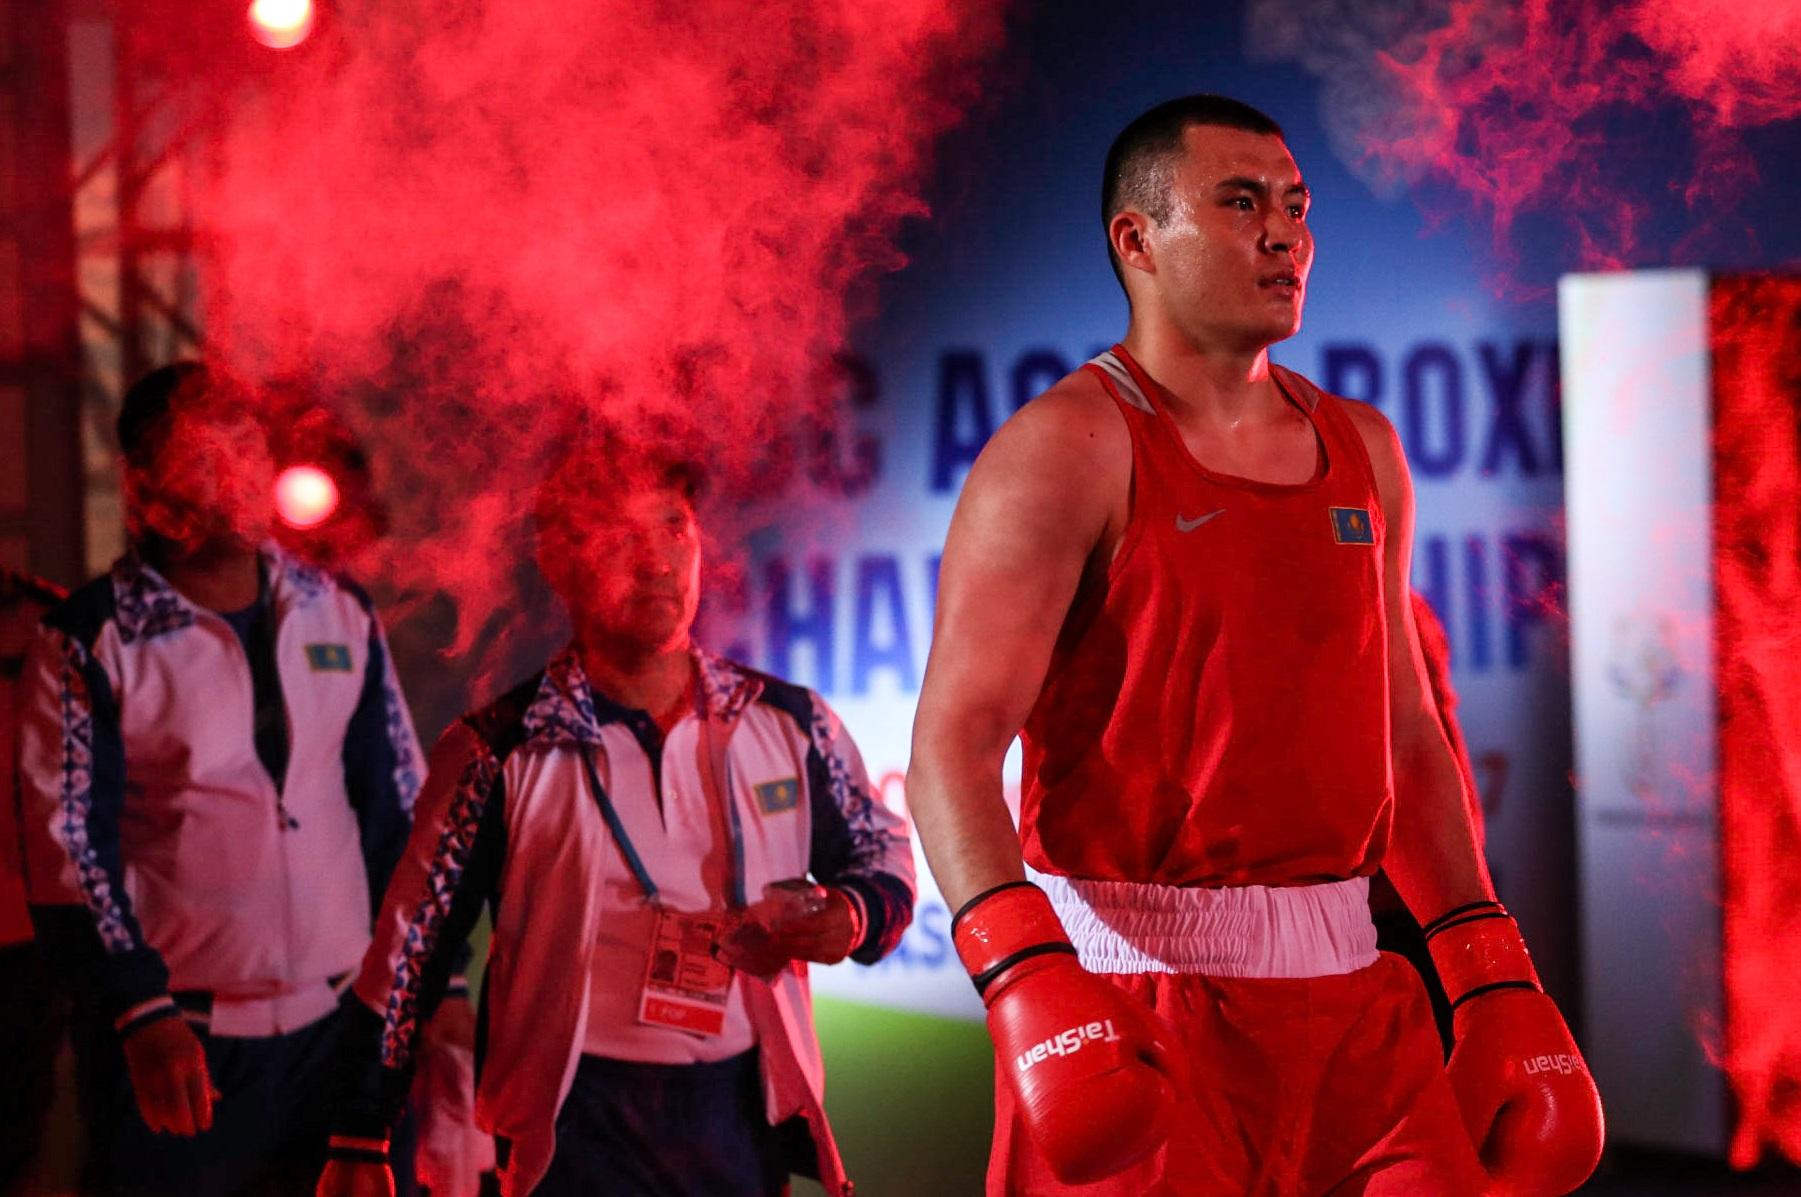 Камшыбек Кункабаев: «Моя цель — не просто участвовать в Олимпиаде, а сотворить историю»